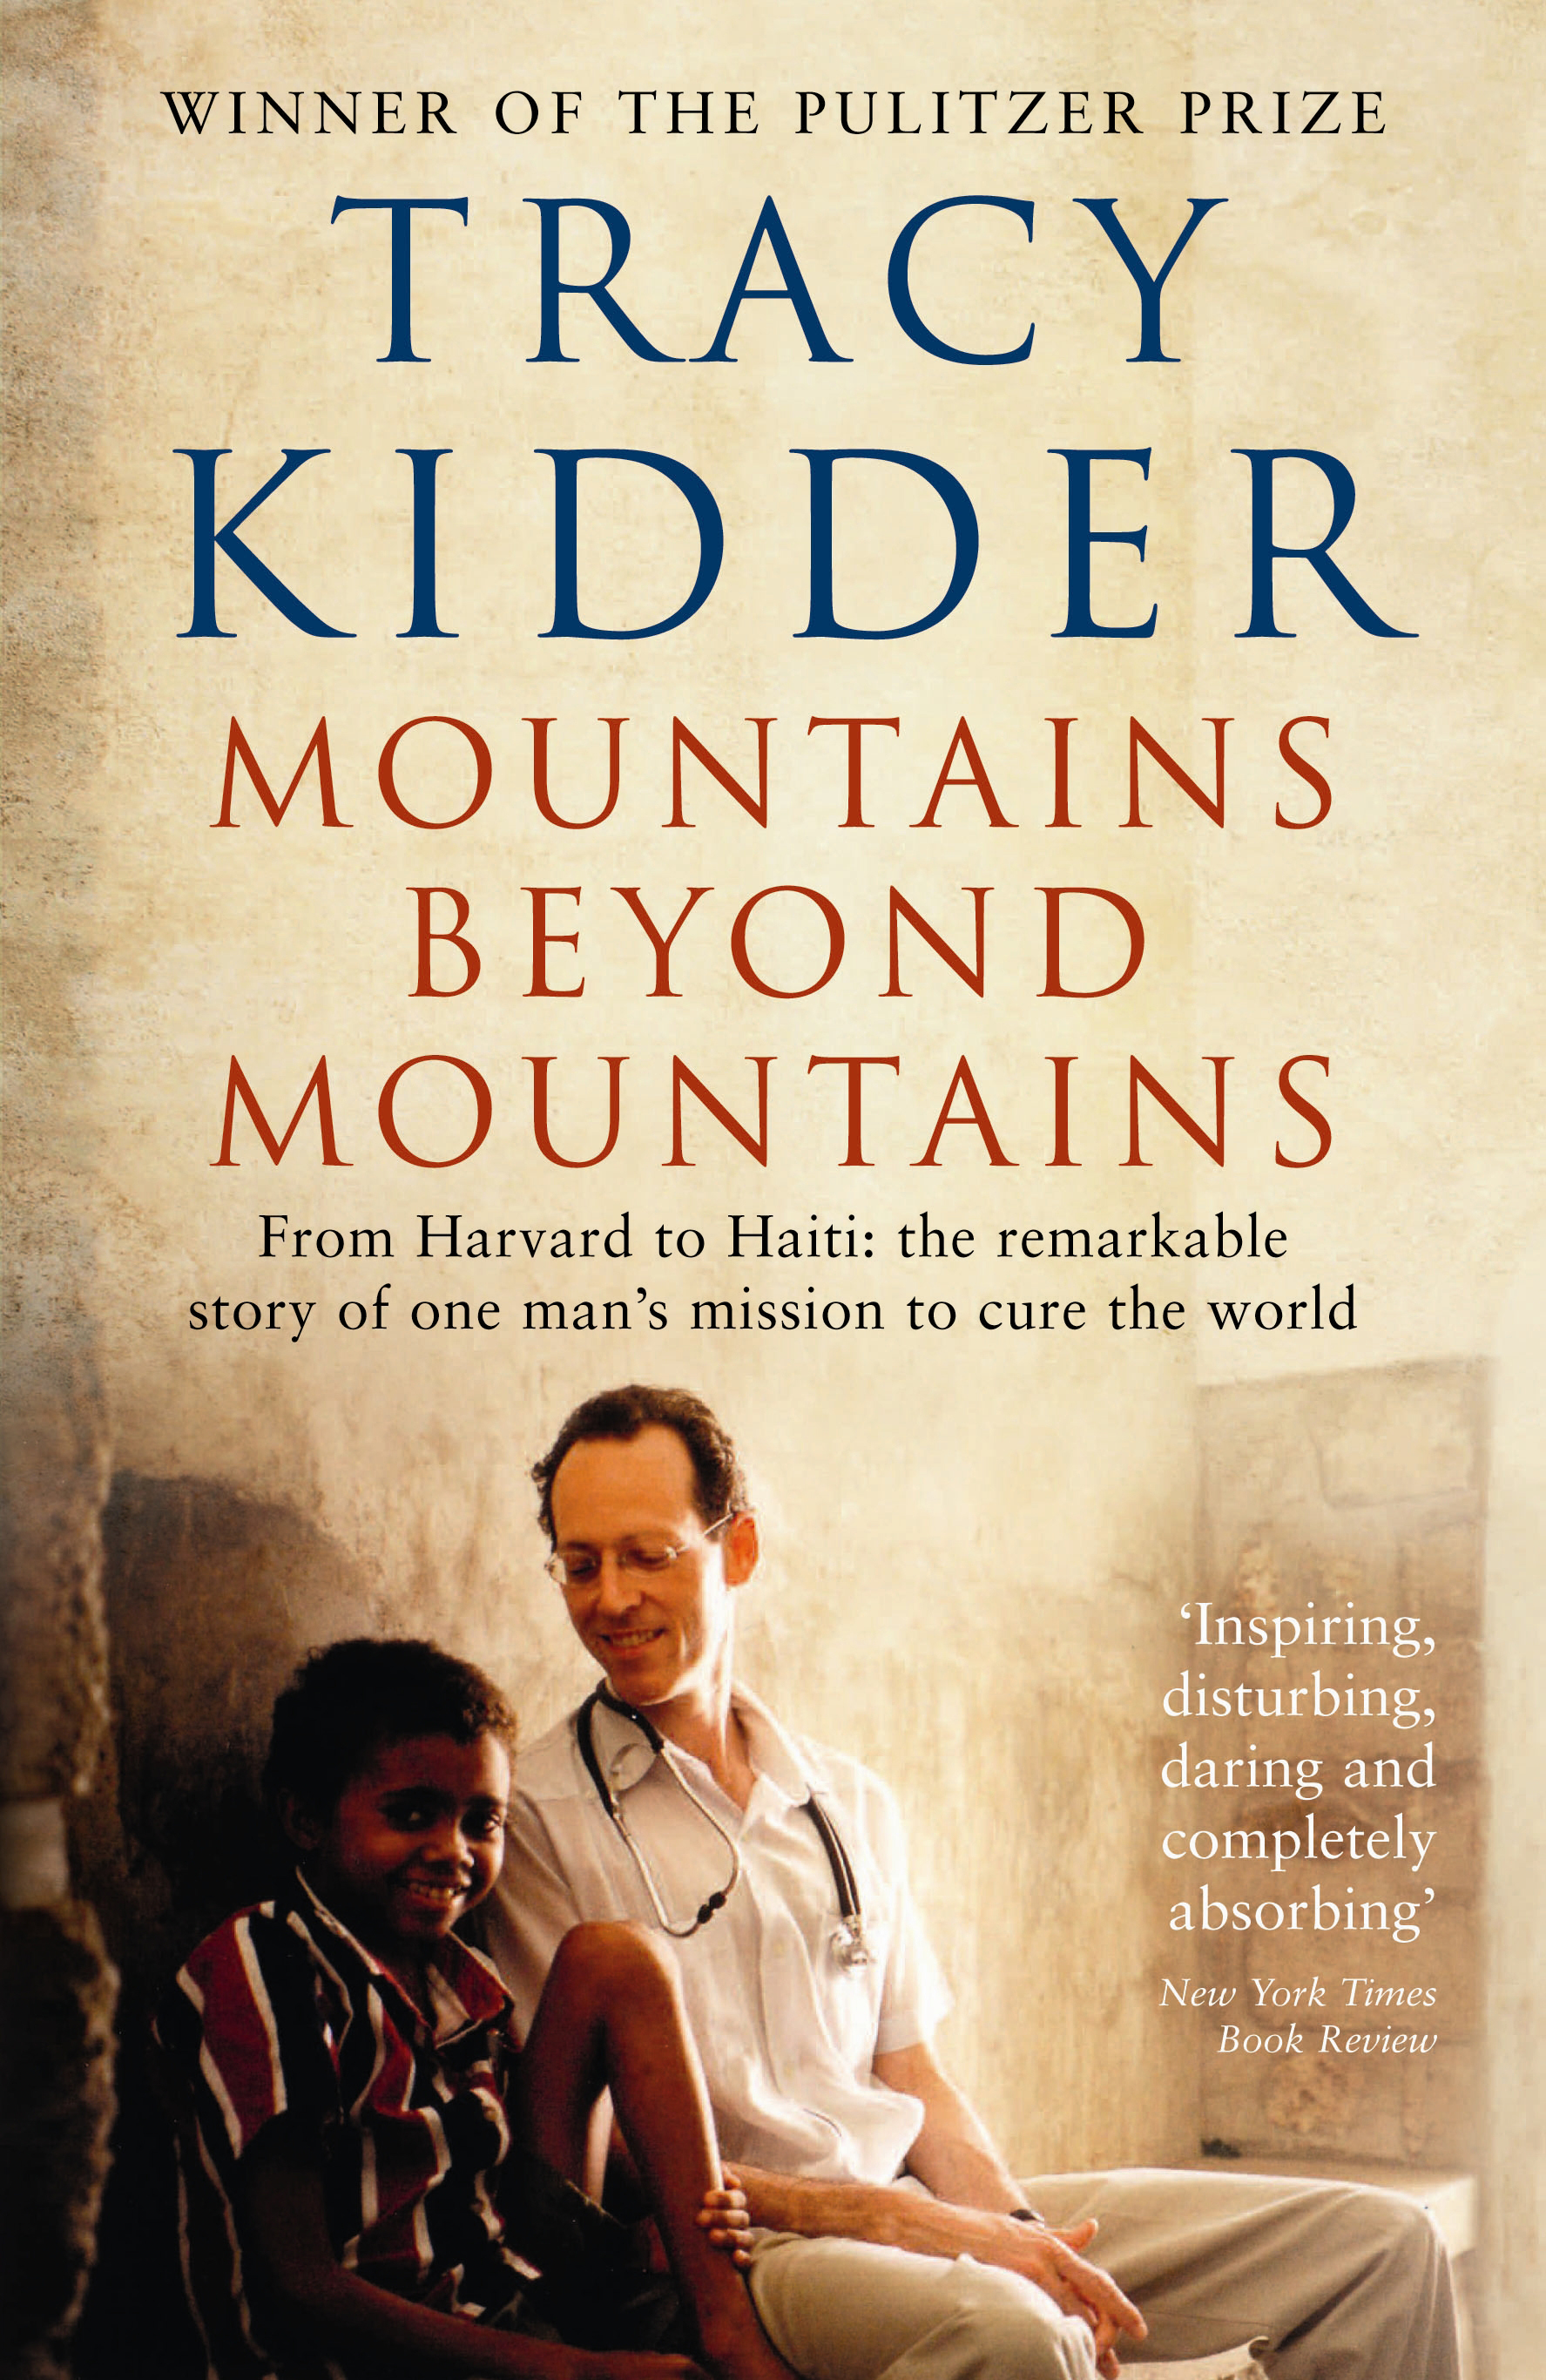 kidder mountains beyond mountains